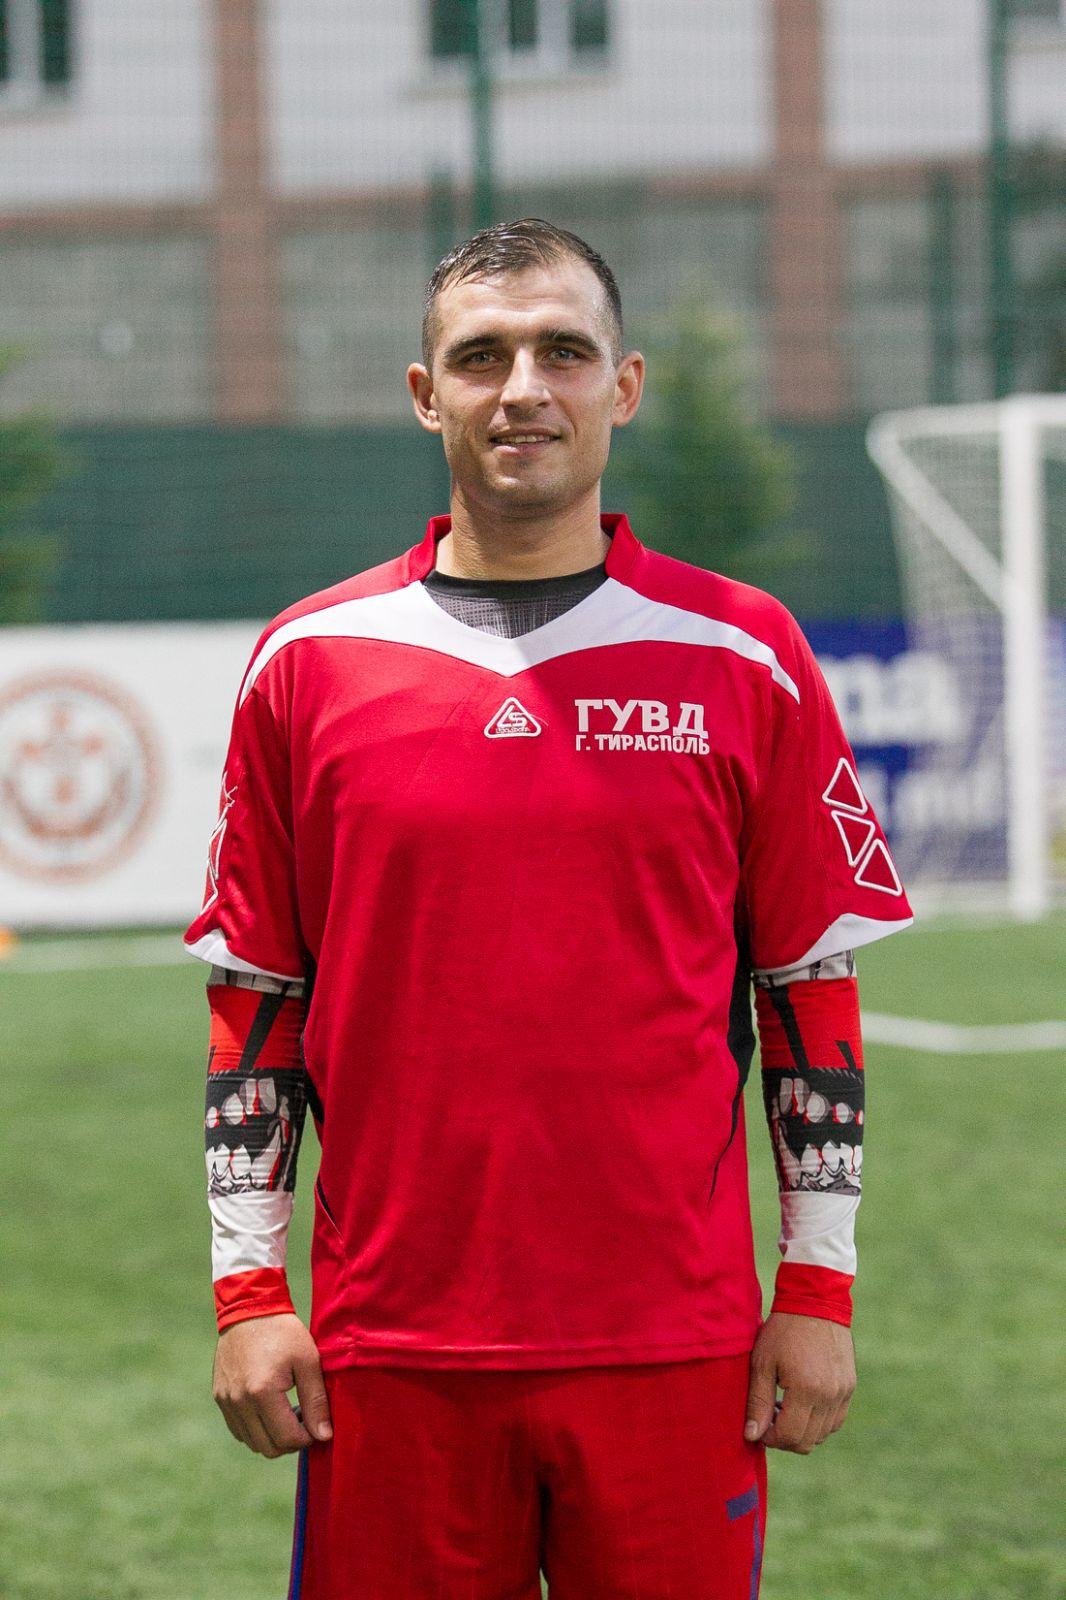 Стоянов Александр